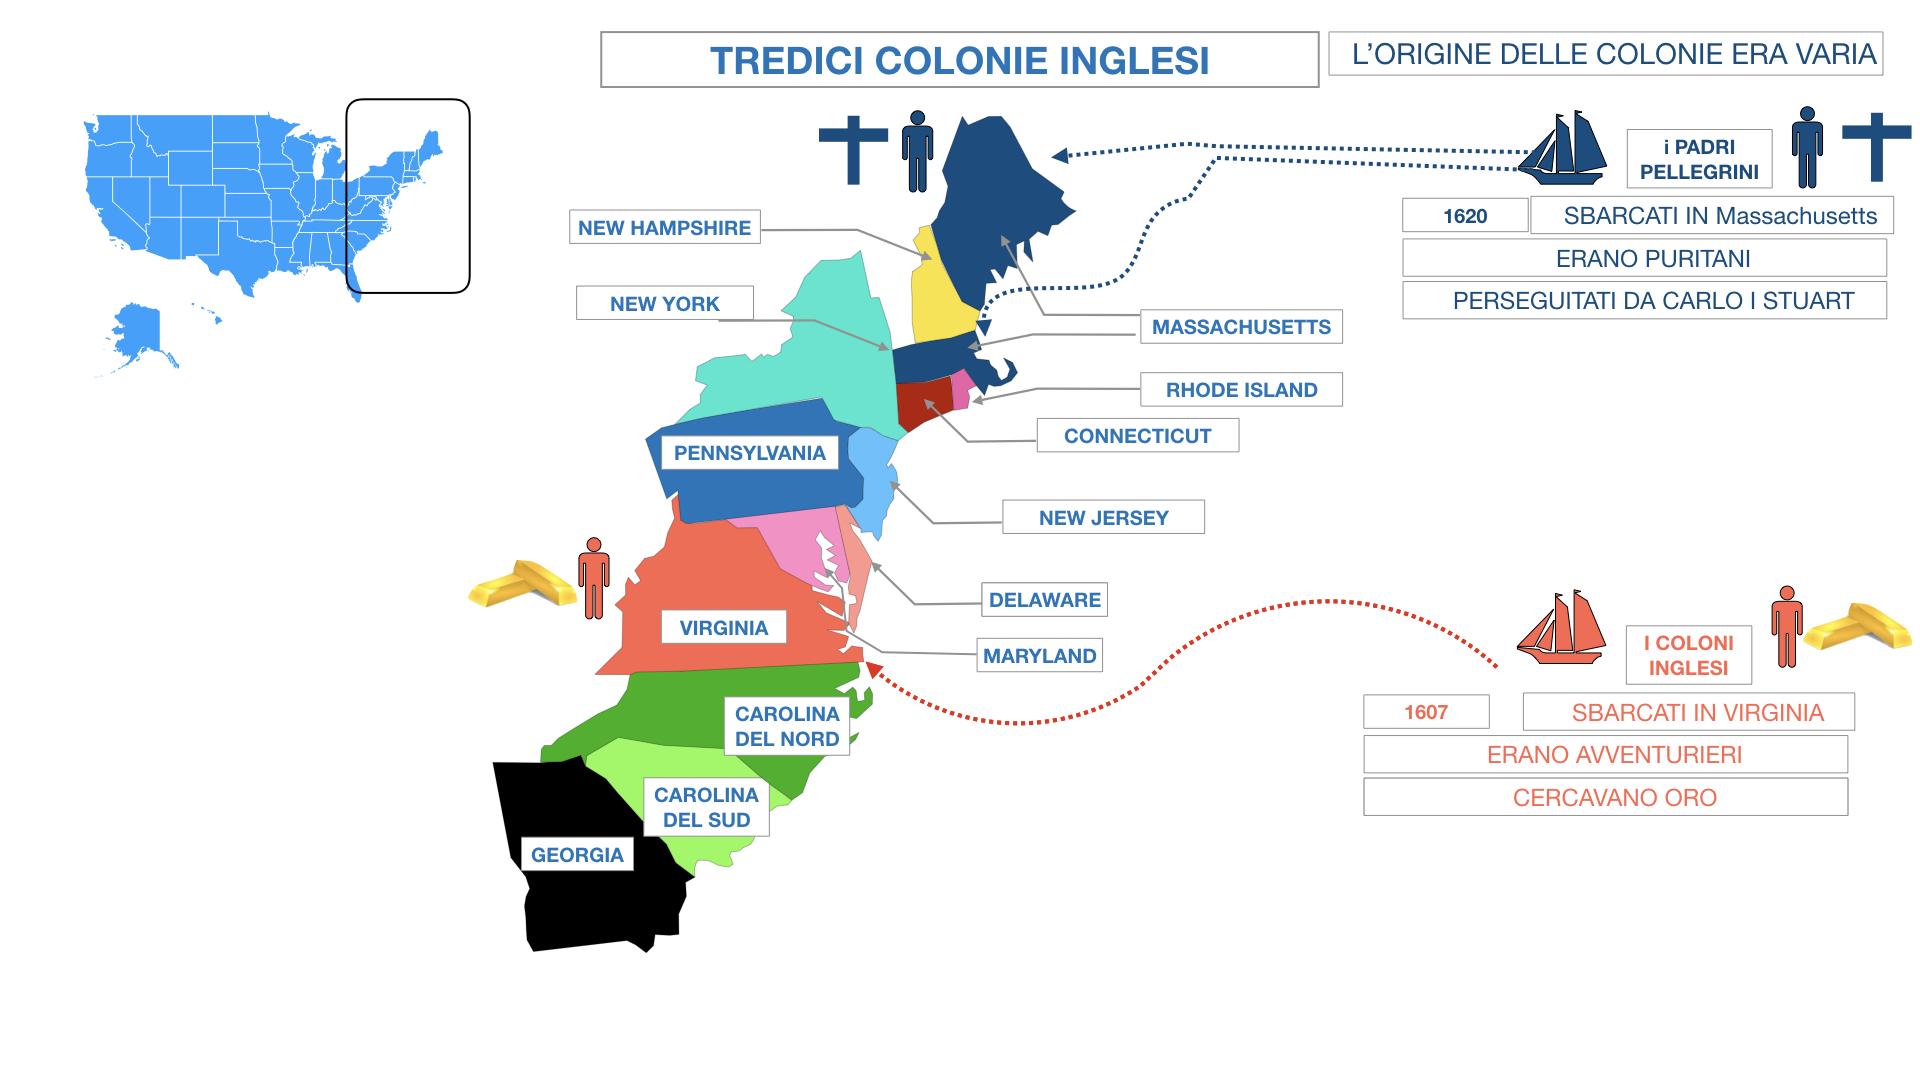 AMERICA LE TREDICI COLONIE INGLESI SIMULAZIONE.051